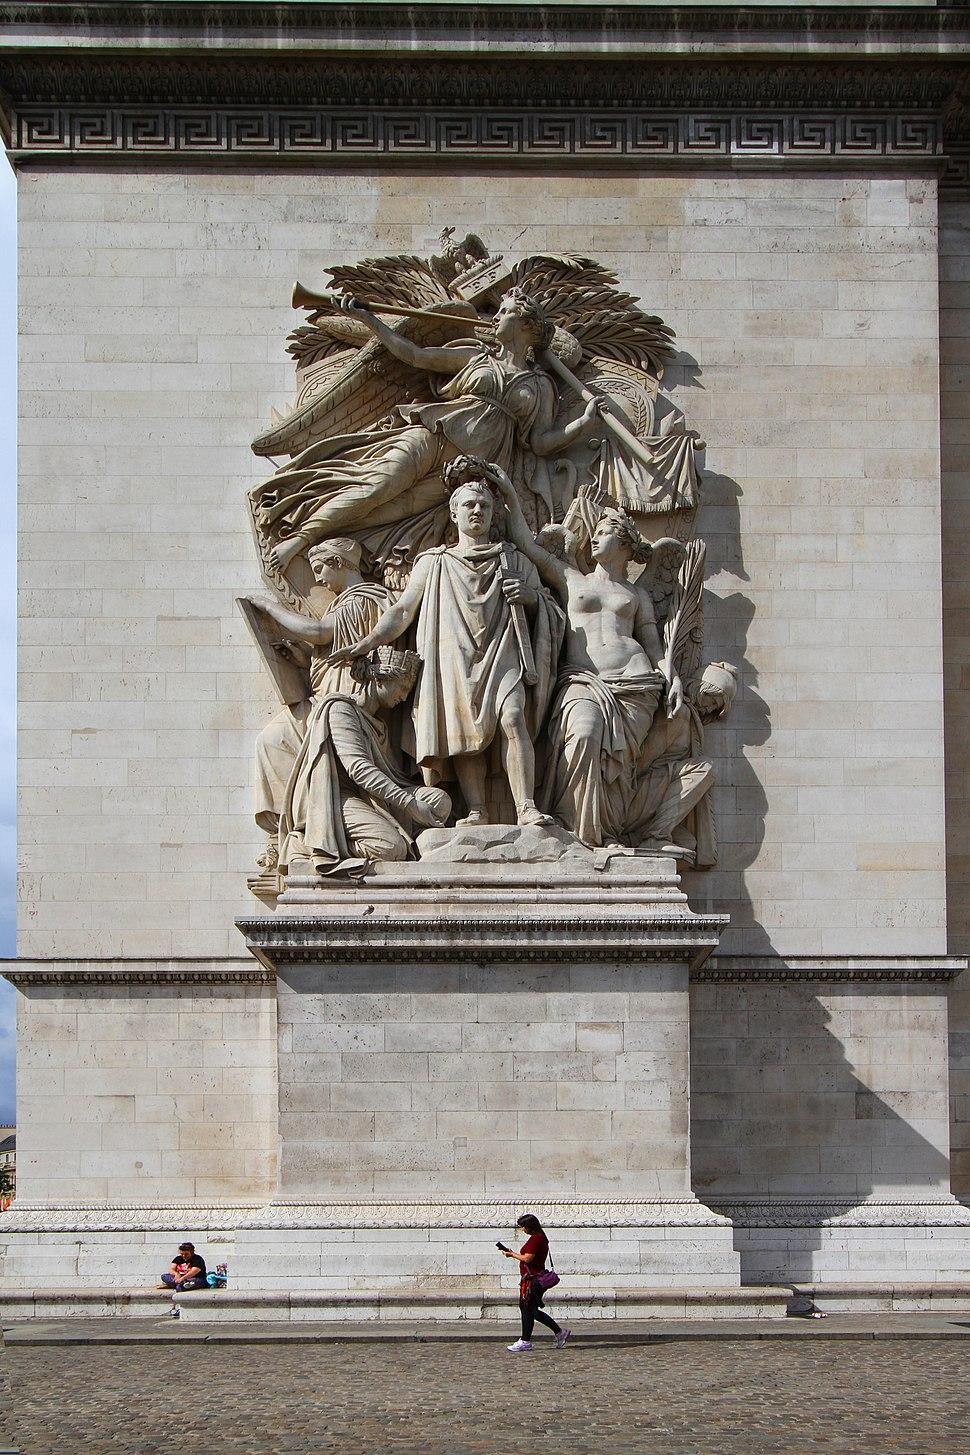 Paris-Arc de Triomphe-108-Le Triomphe de 1810-Jean-Pierre Cortot-2017-gje